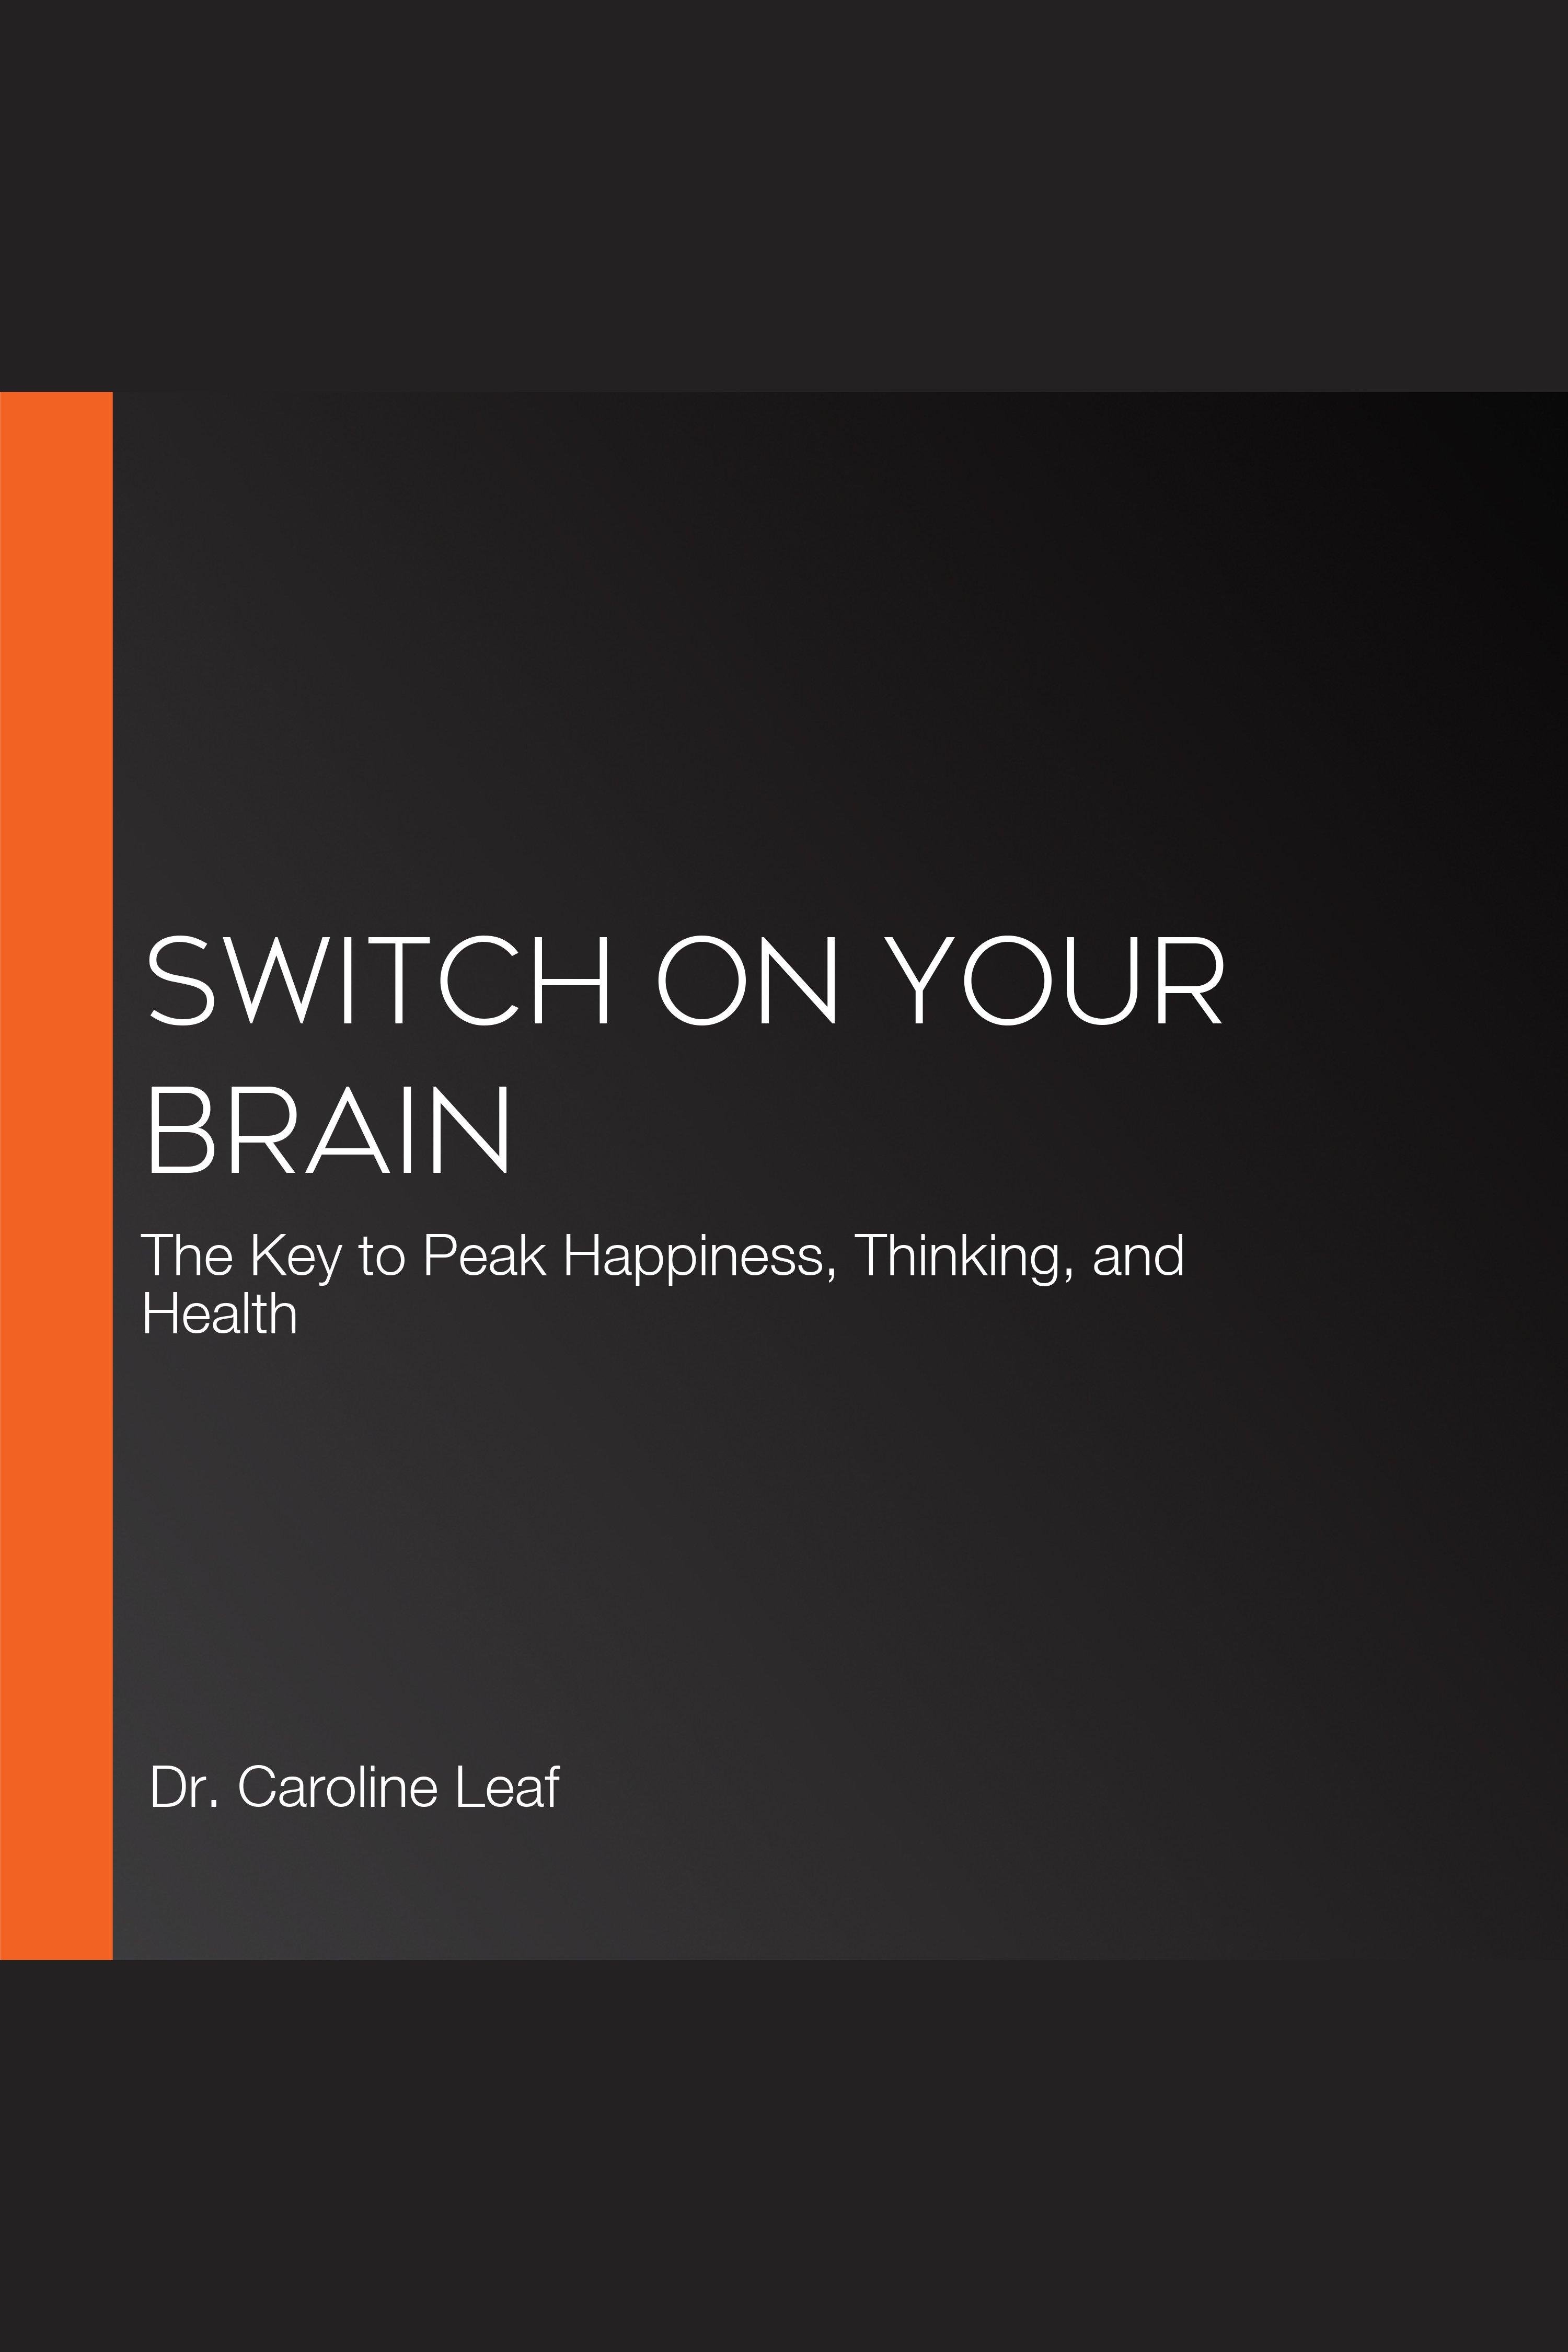 Esta es la portada del audiolibro Switch on Your Brain